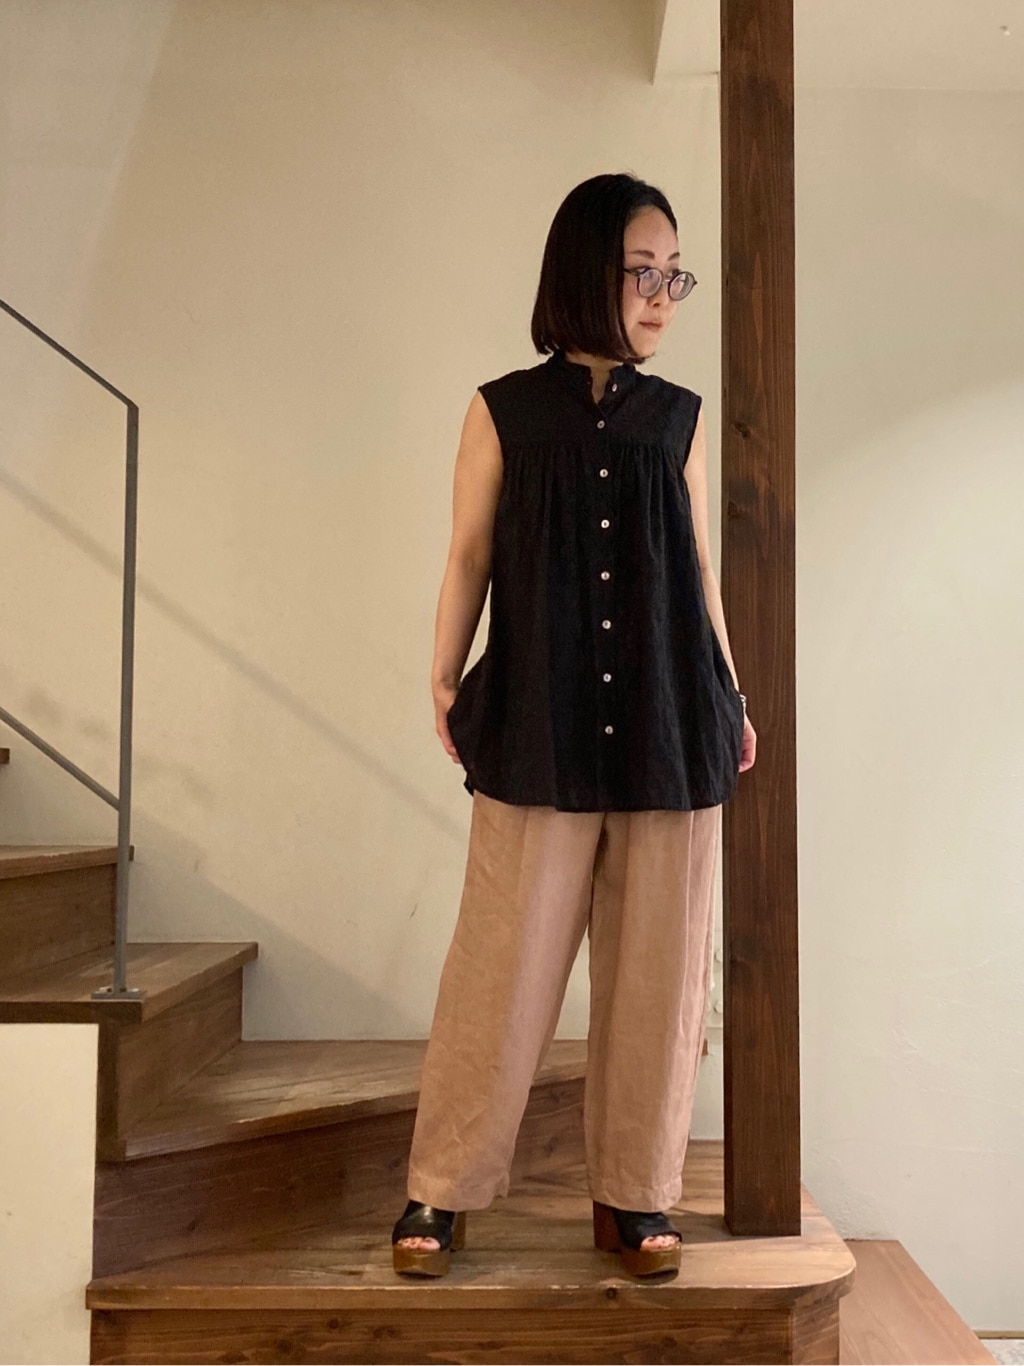 yuni 京都路面 身長:152cm 2021.06.09